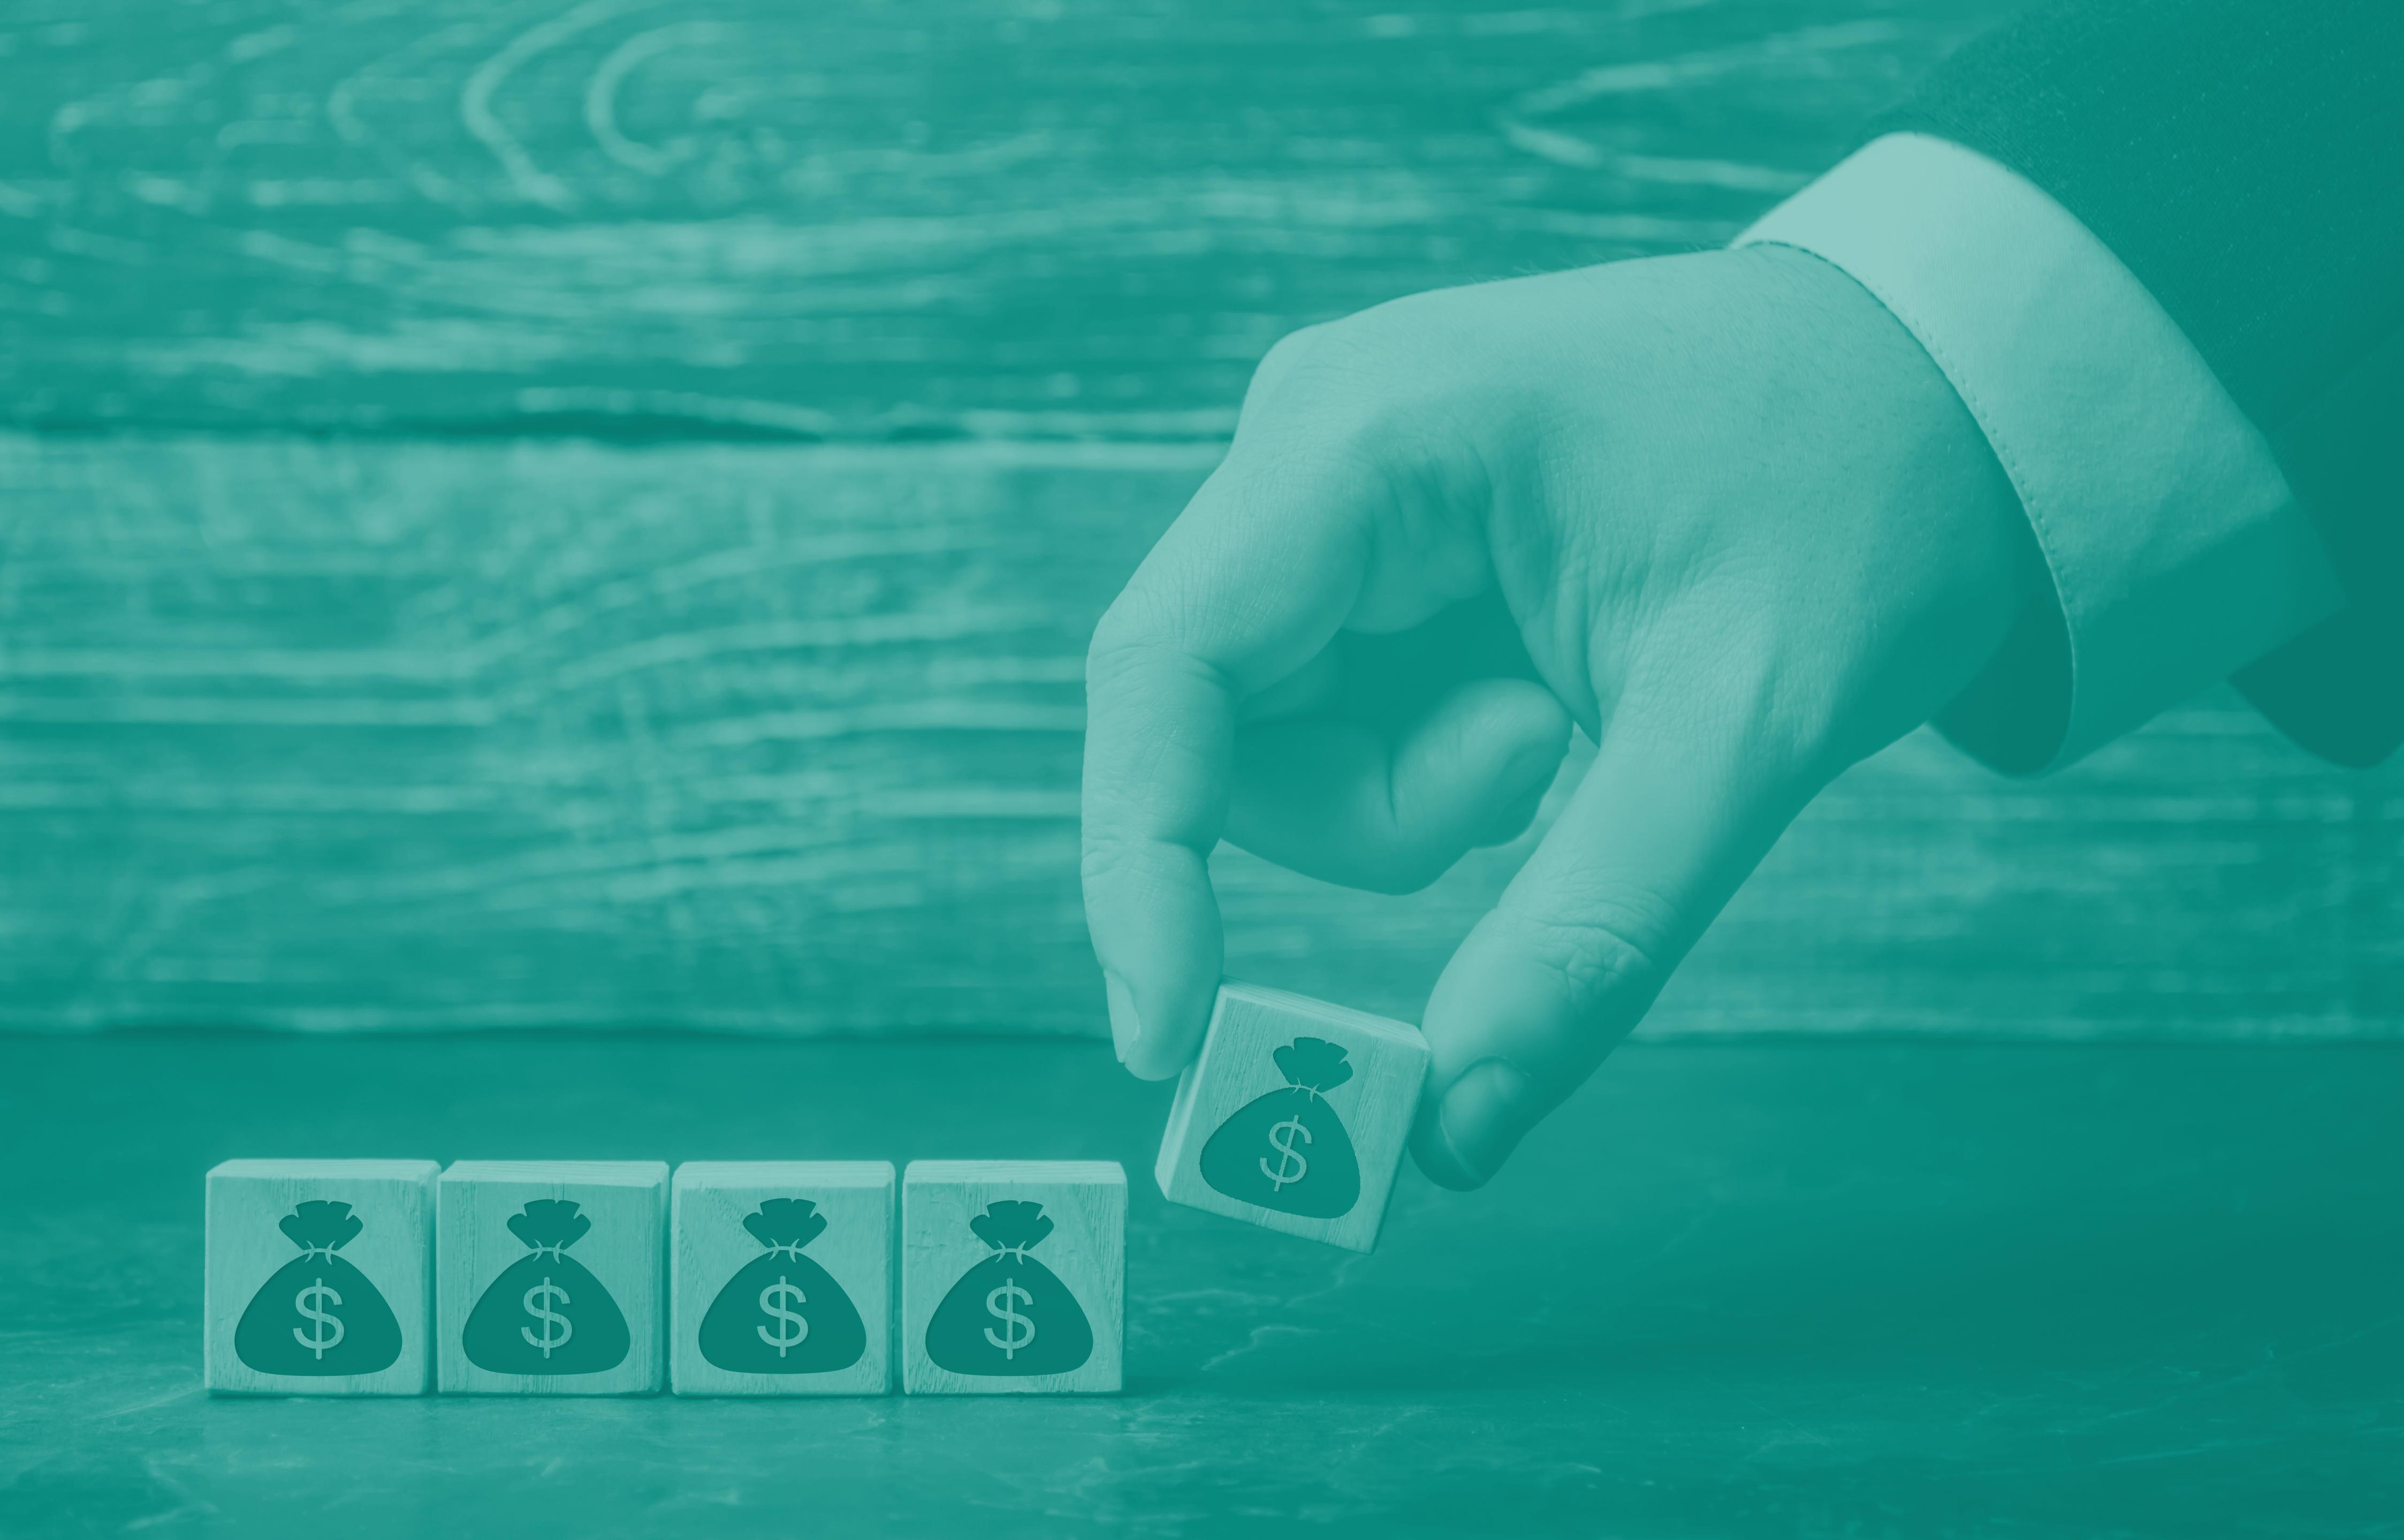 Co to jest fundusz inwestycyjny? Poznaj rodzaje funduszy i ich rolę na rynku kapitałowym!